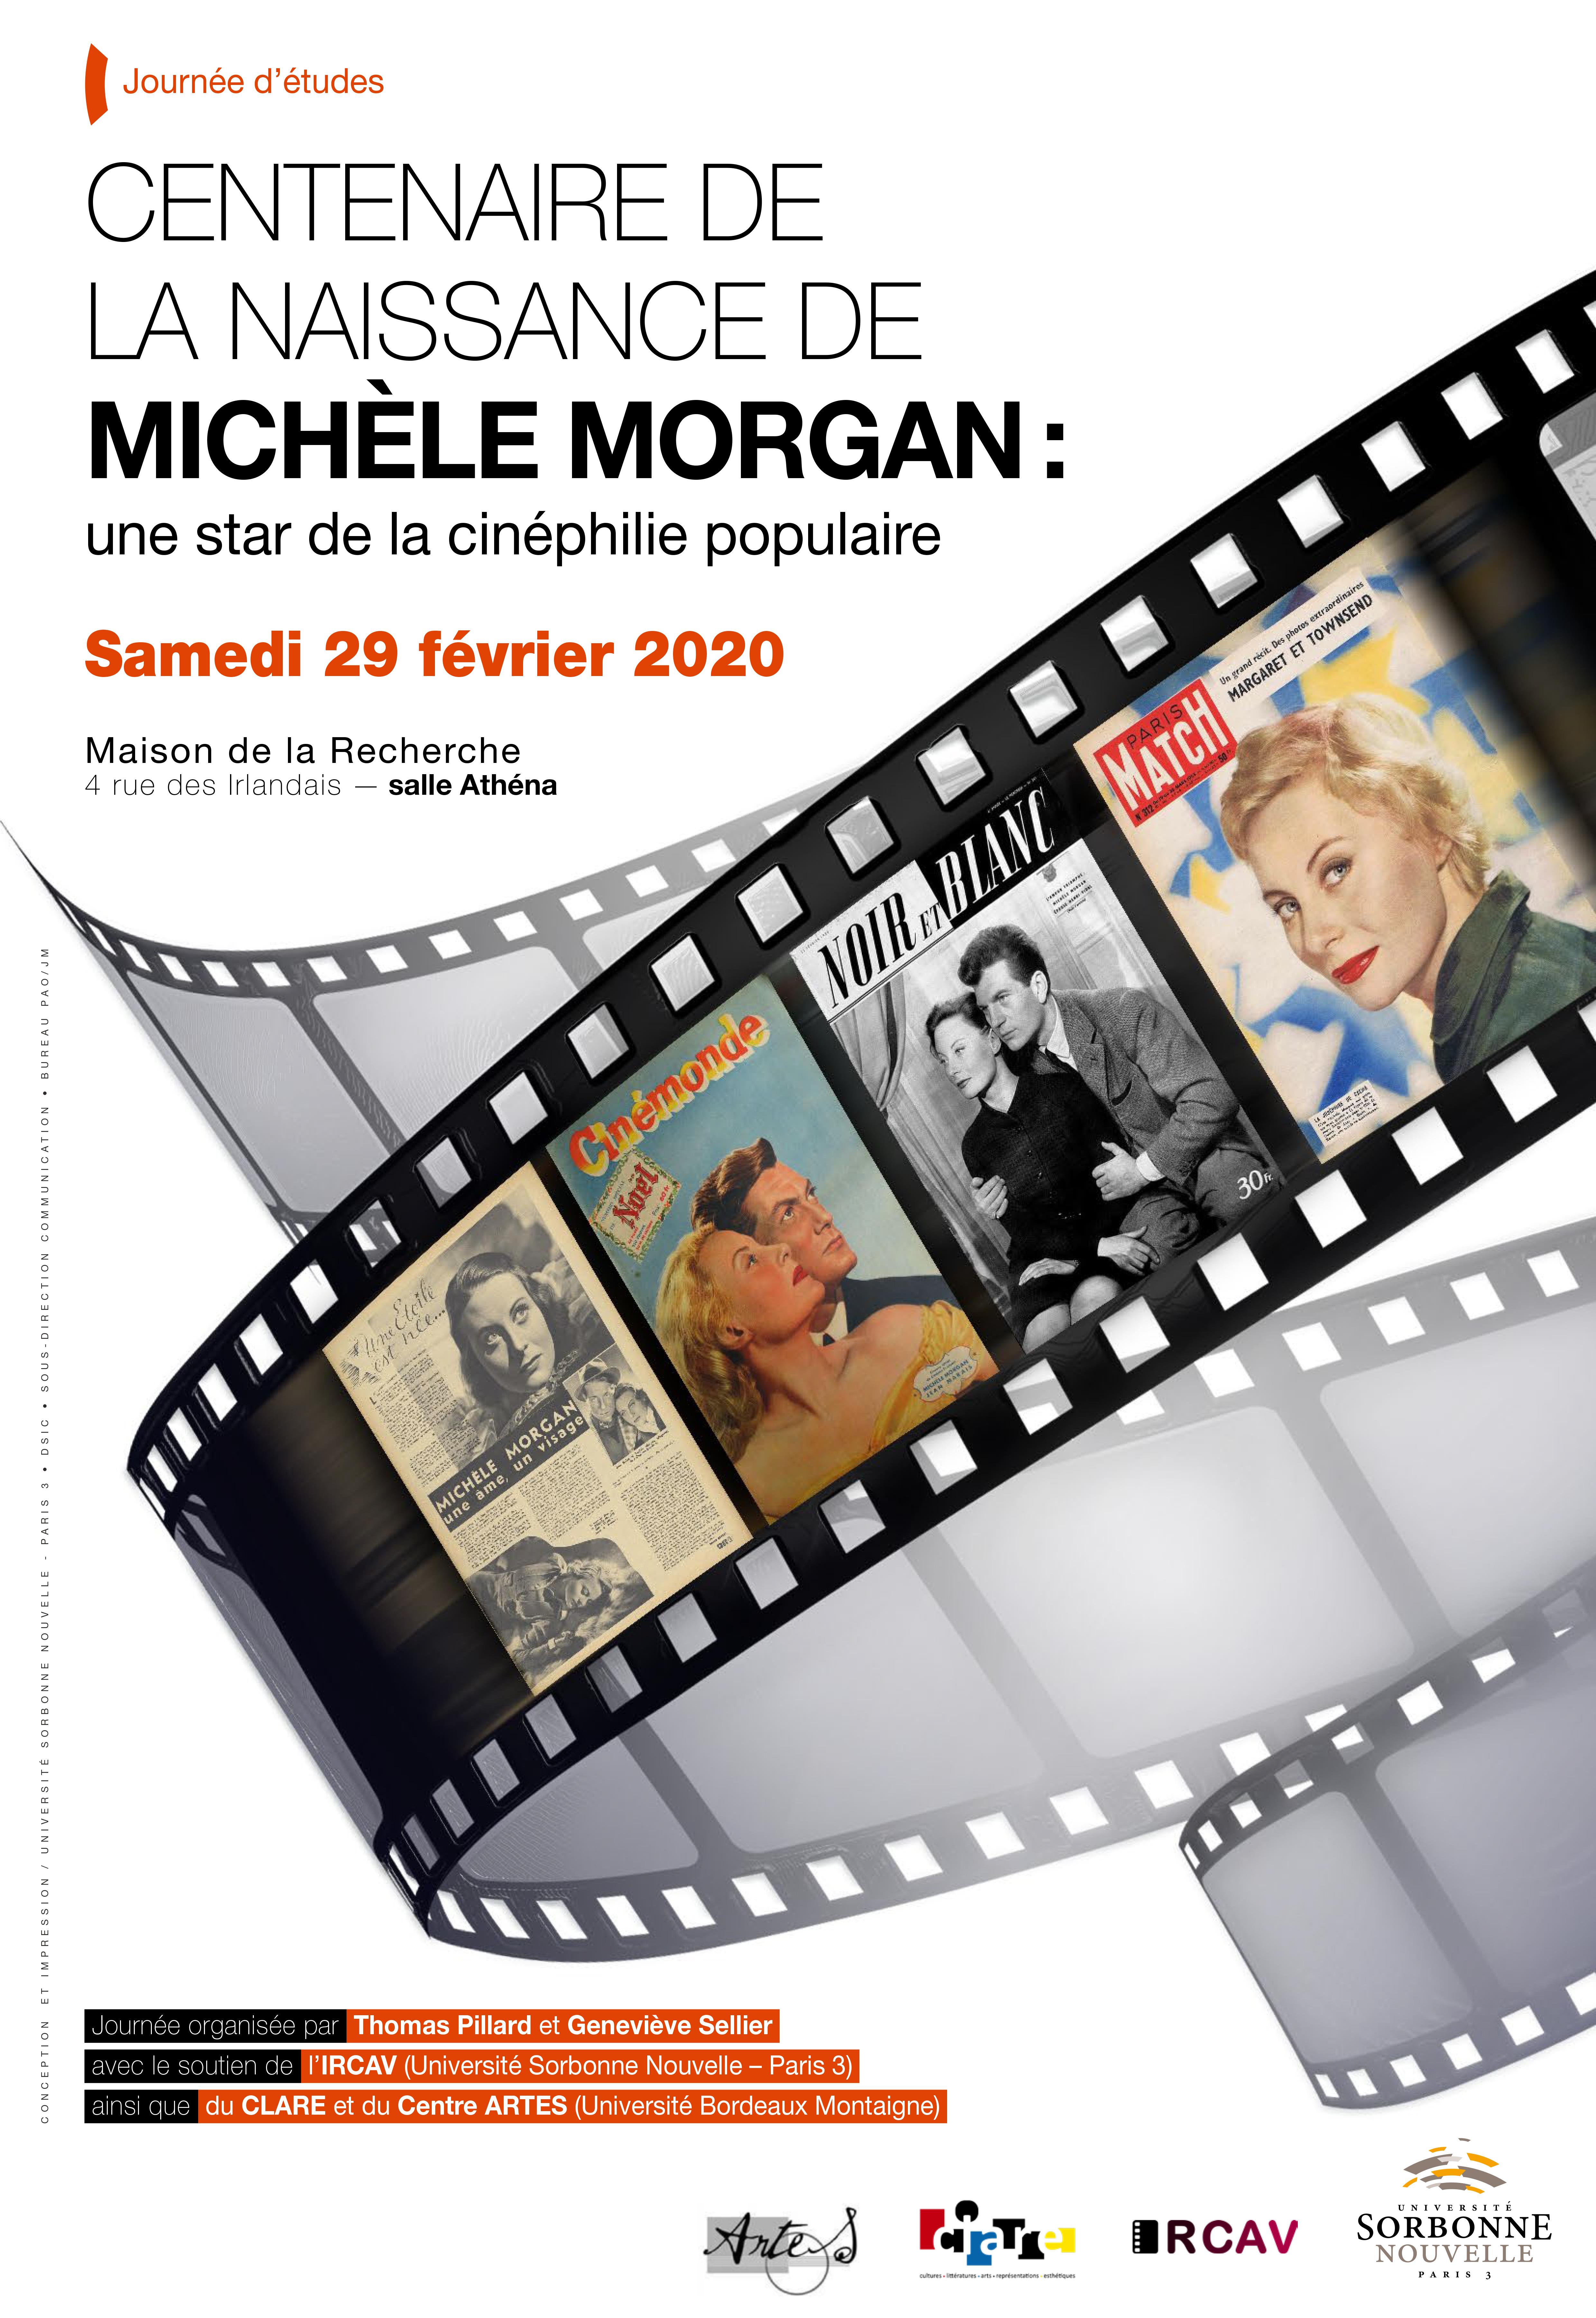 Affiche - Centenaire de la naissance de Michele Morgan.jpg